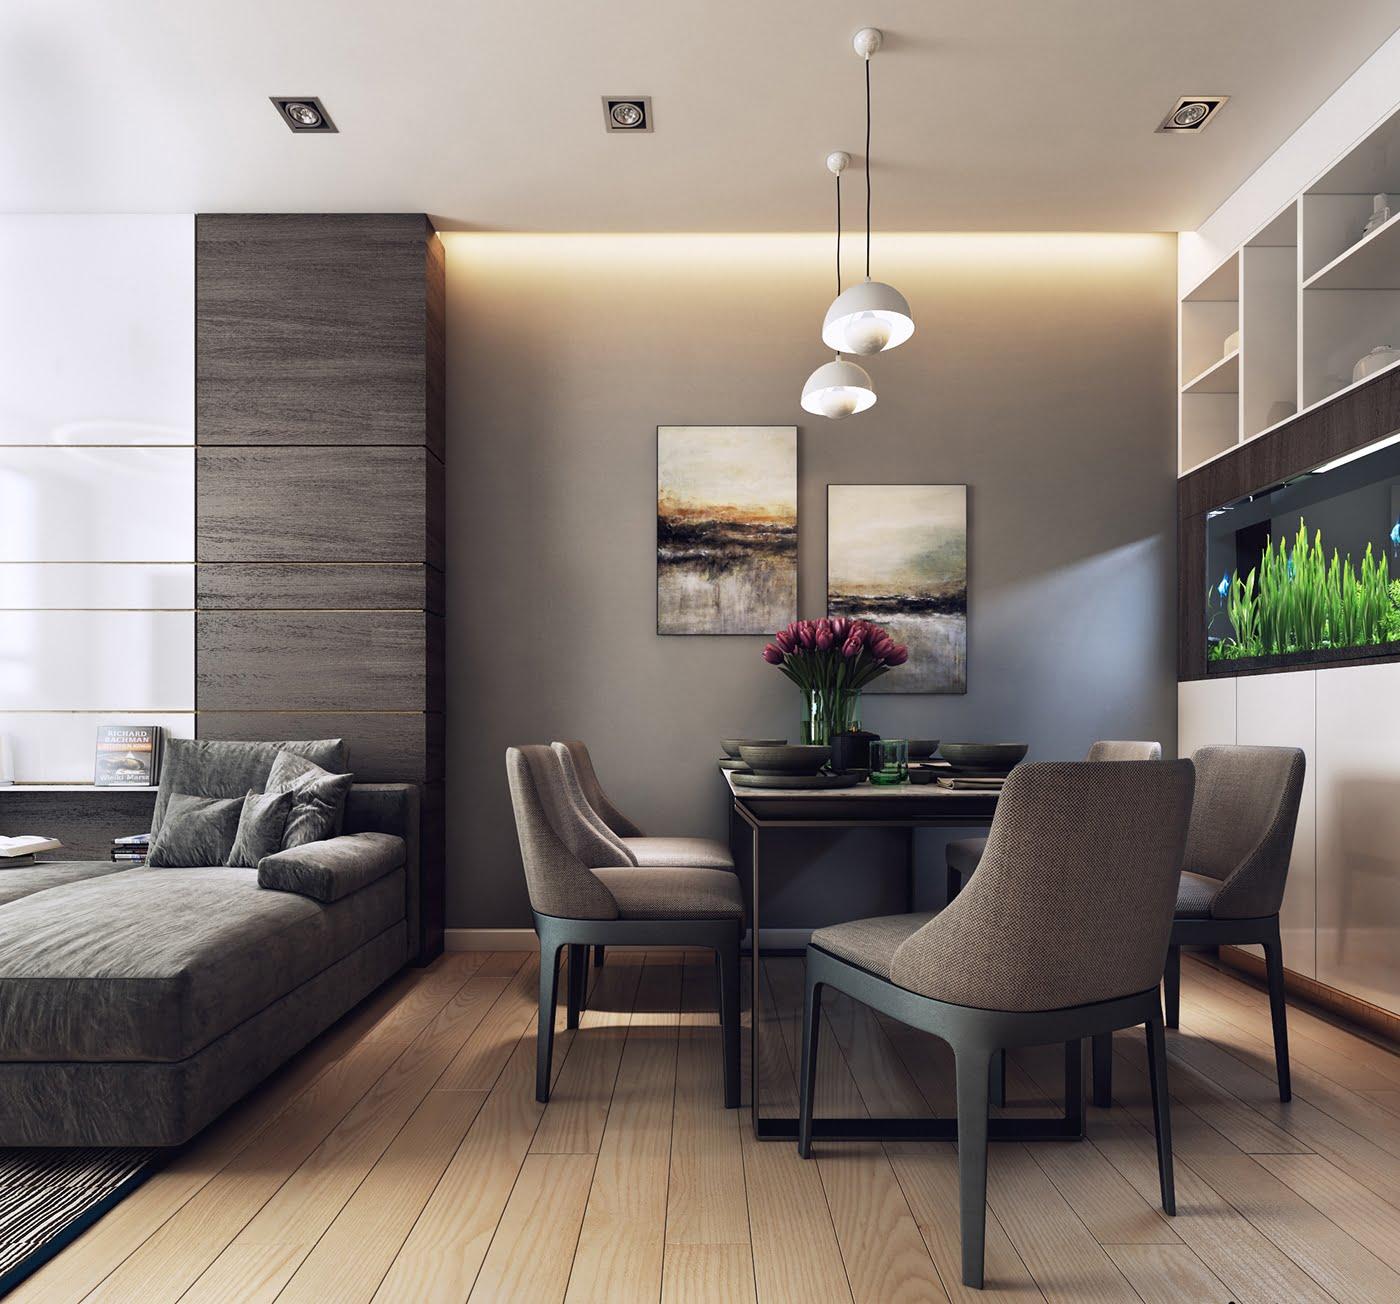 thiết kế nội thất chung cư hiện đại 17